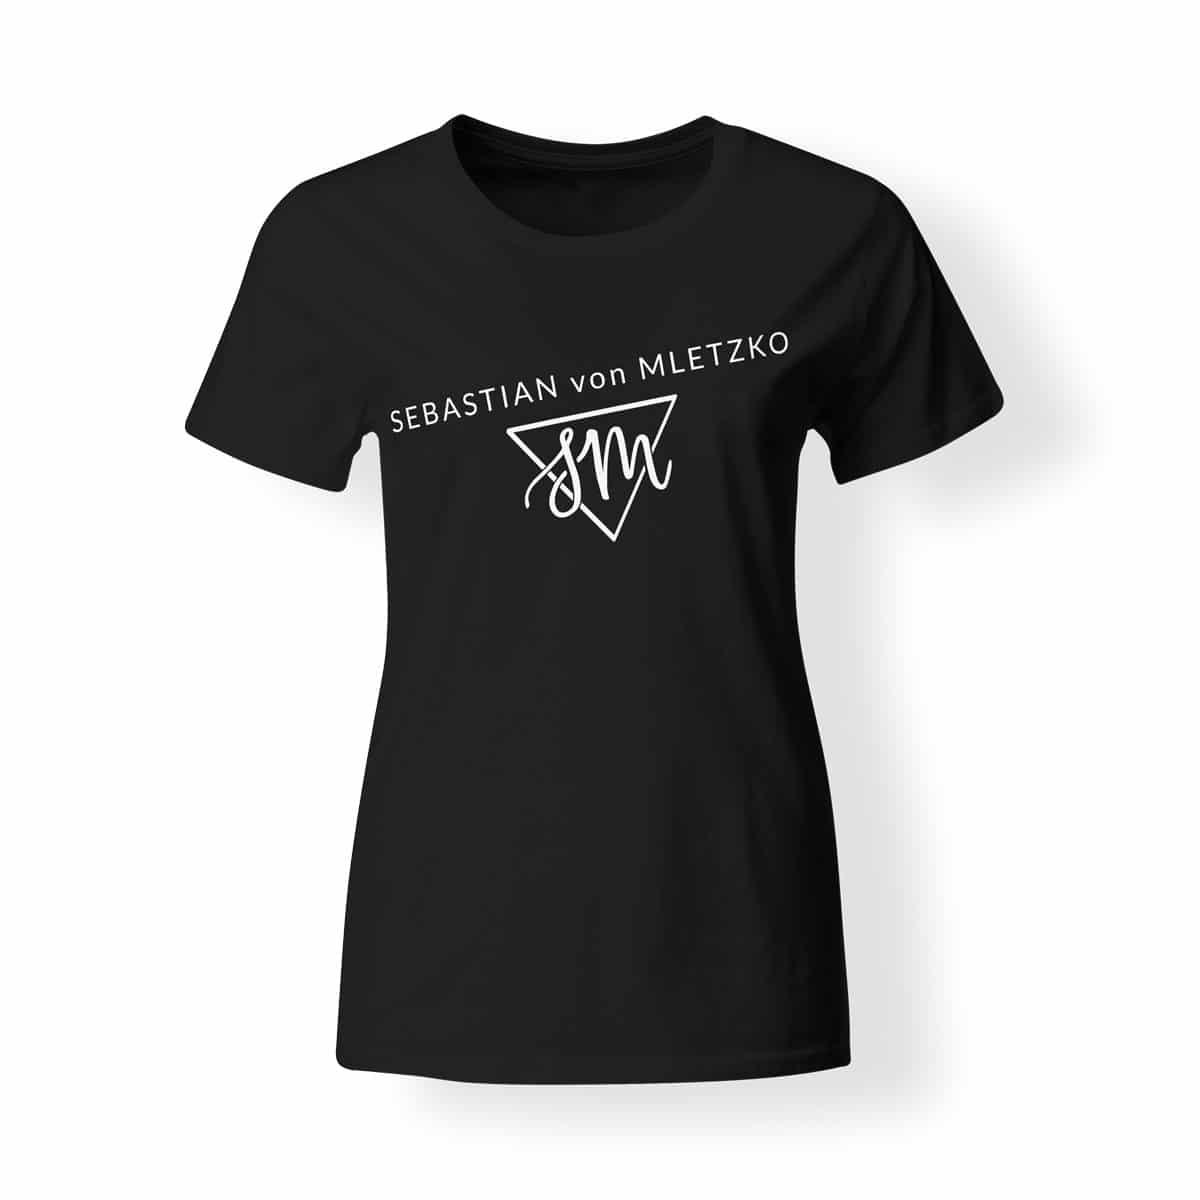 Sebastian von Mletzko T-Shirt Damen schwarz